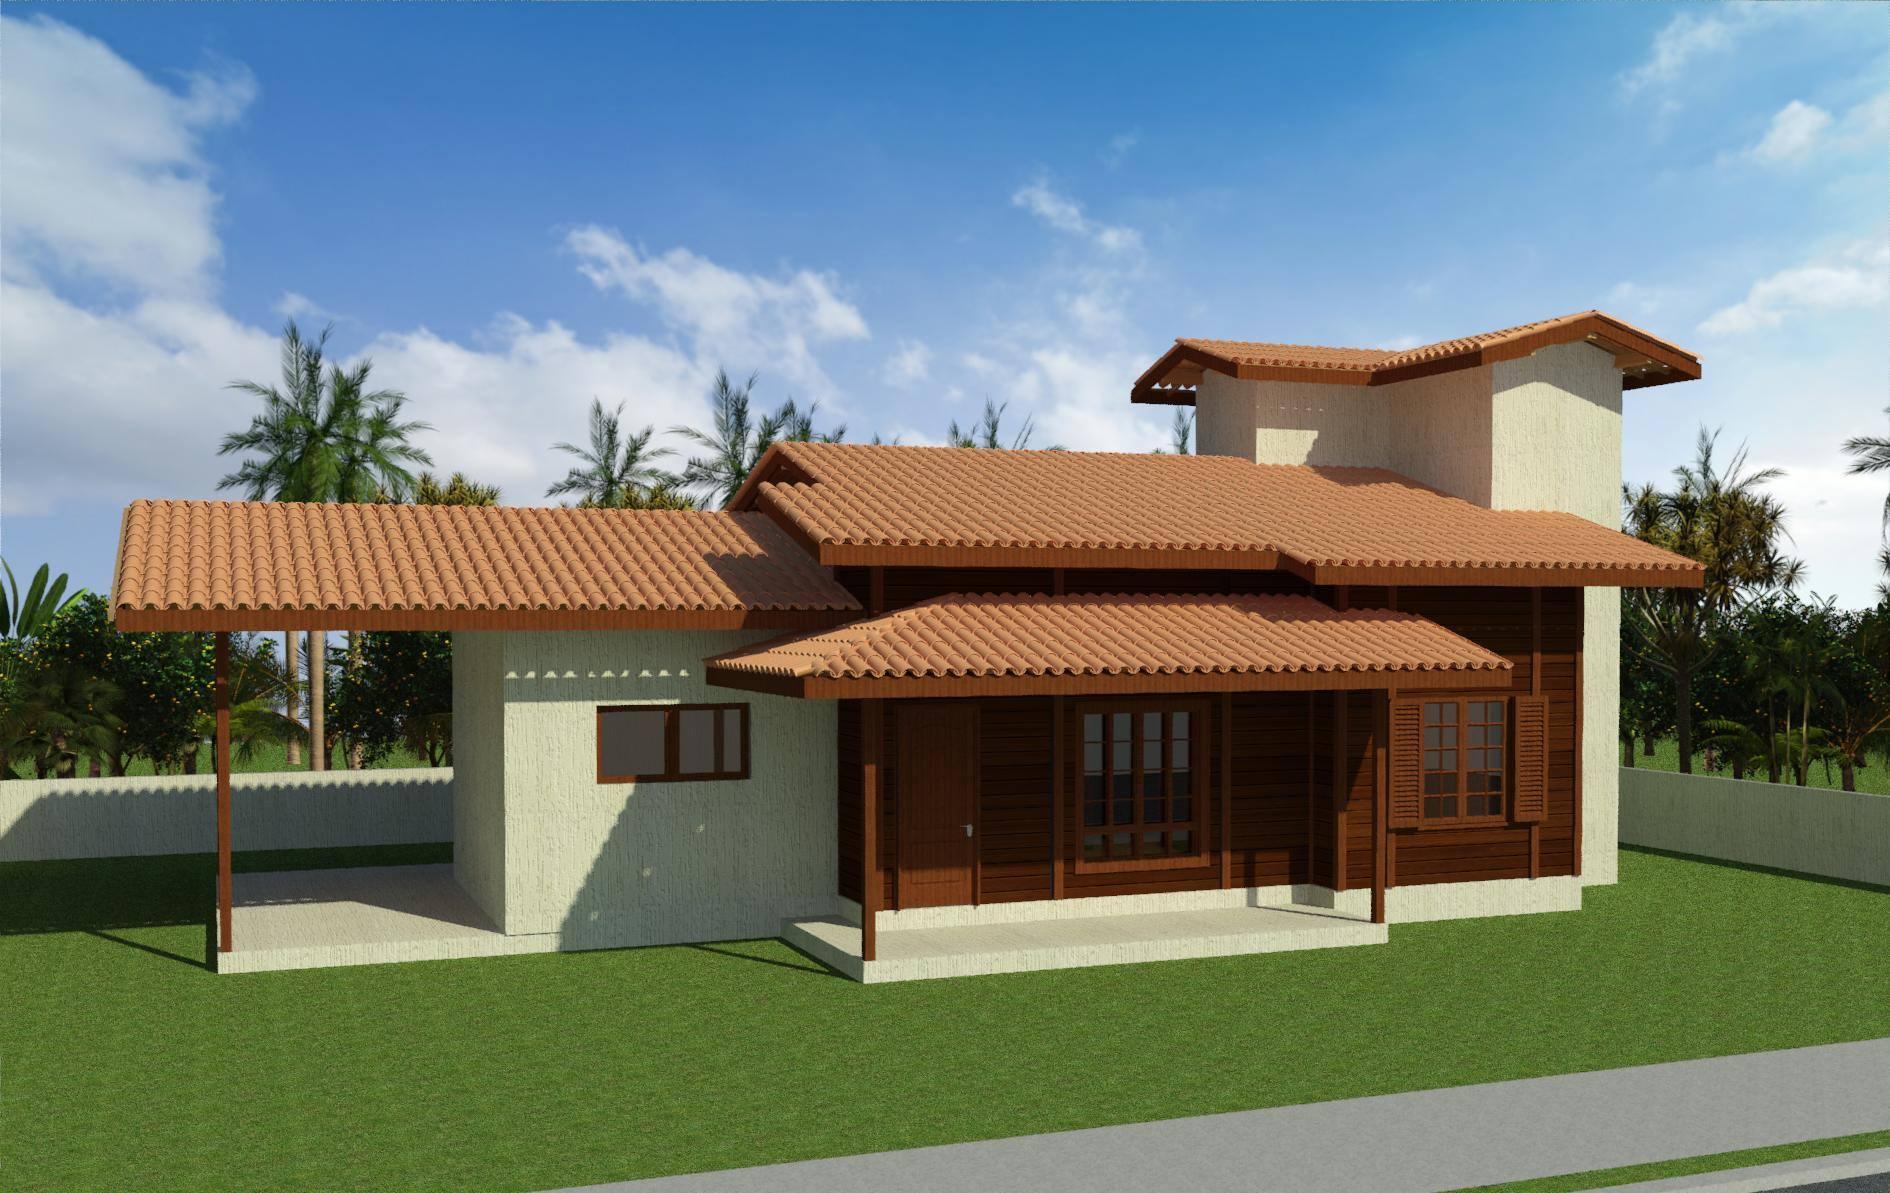 Casa de Madeira – Castelo-ES - 111,75 m²